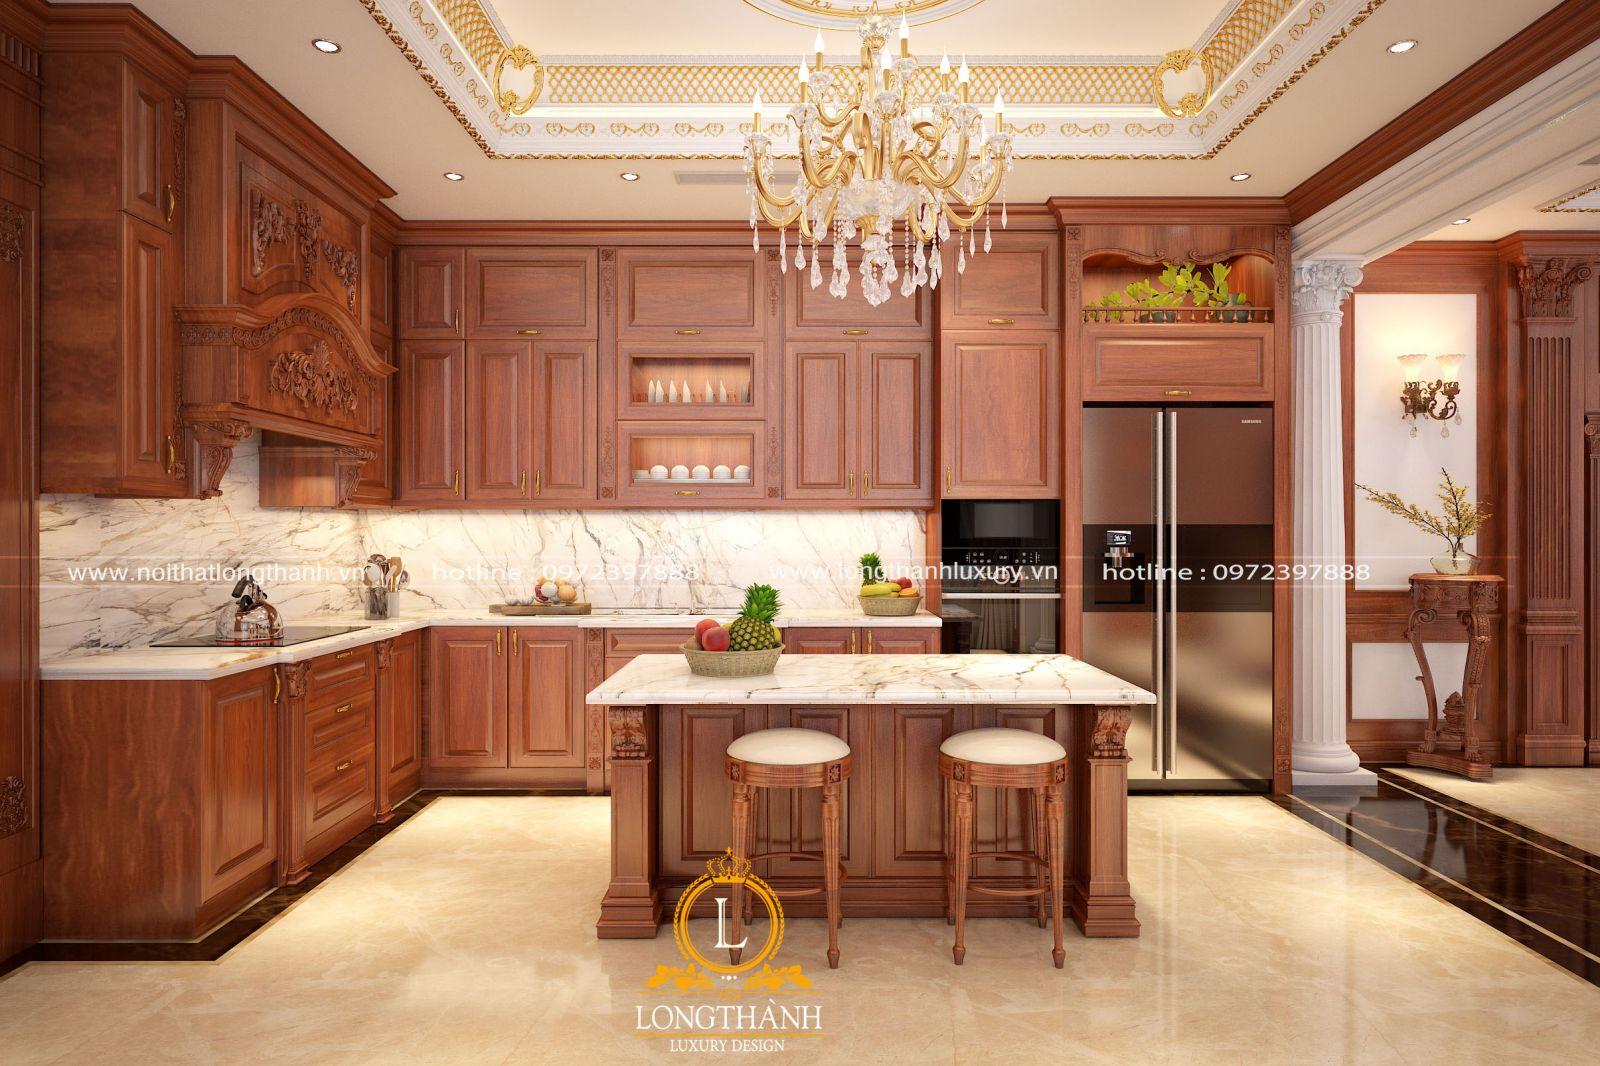 Tủ bếp tân cổ điển sang trọng trong không gian nhà bếp gia đình